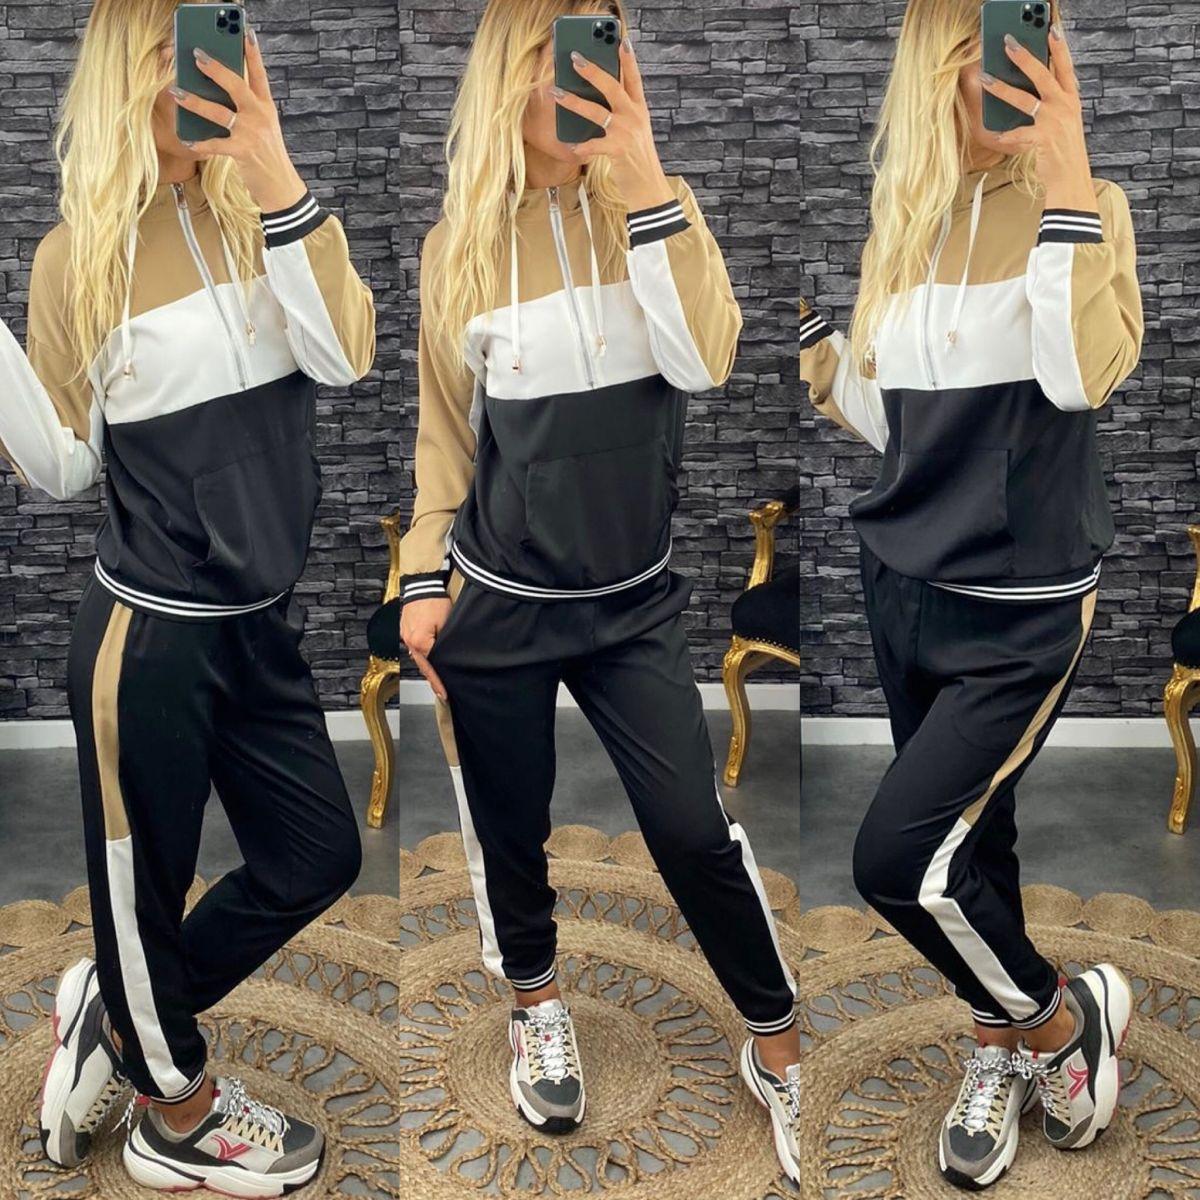 Ensemble jogging sweat beige-noir-blanc 2